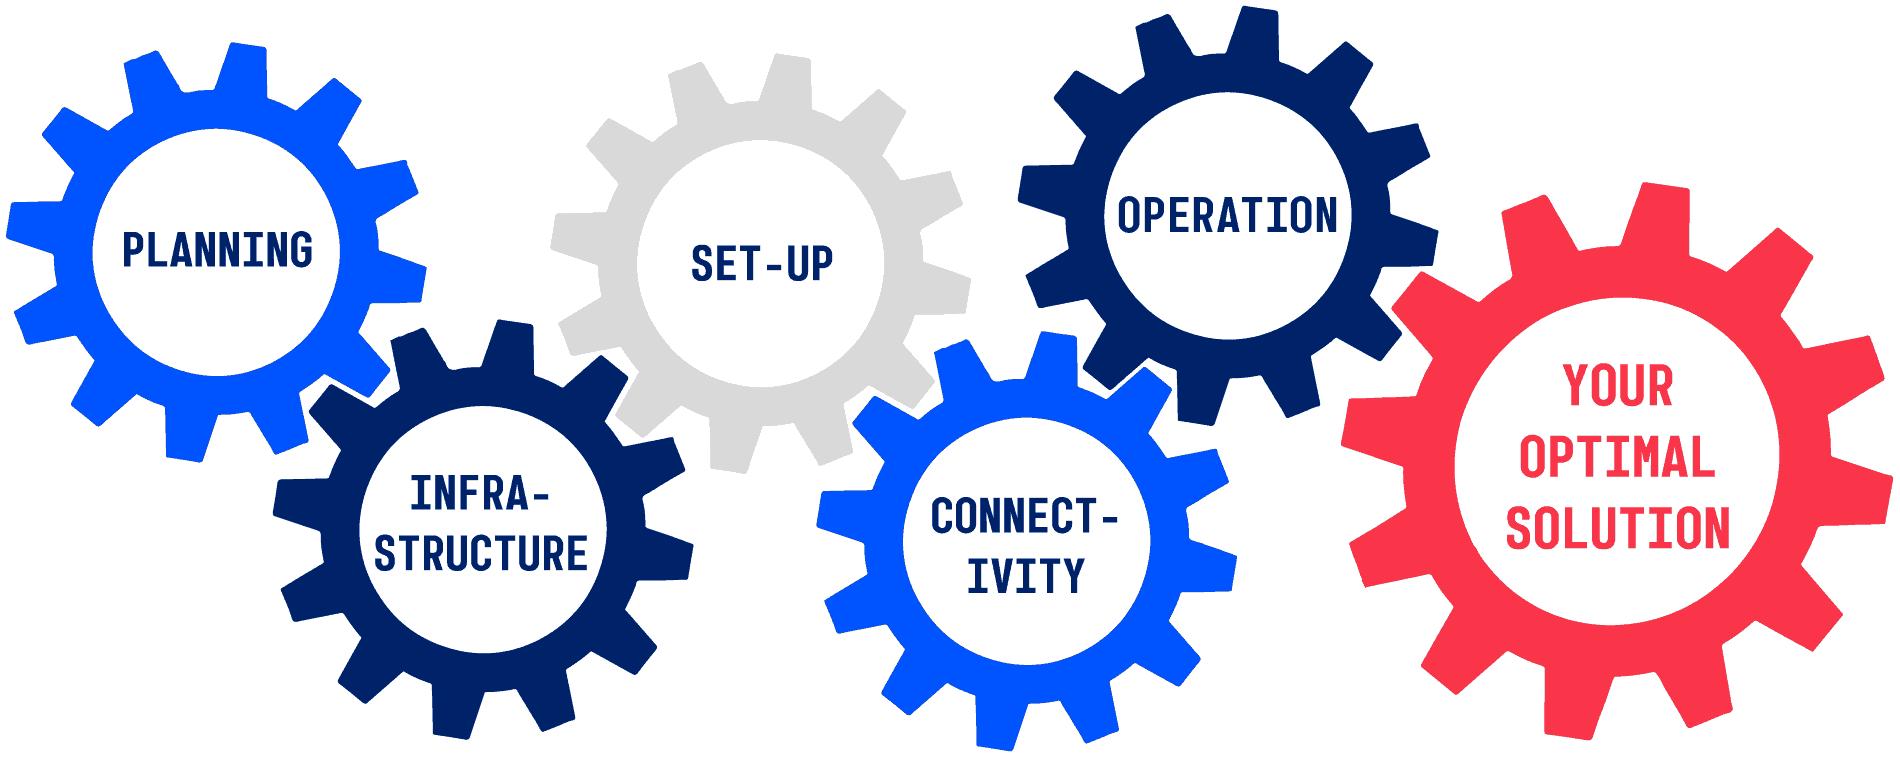 EDI Vendor - 5 Key Components